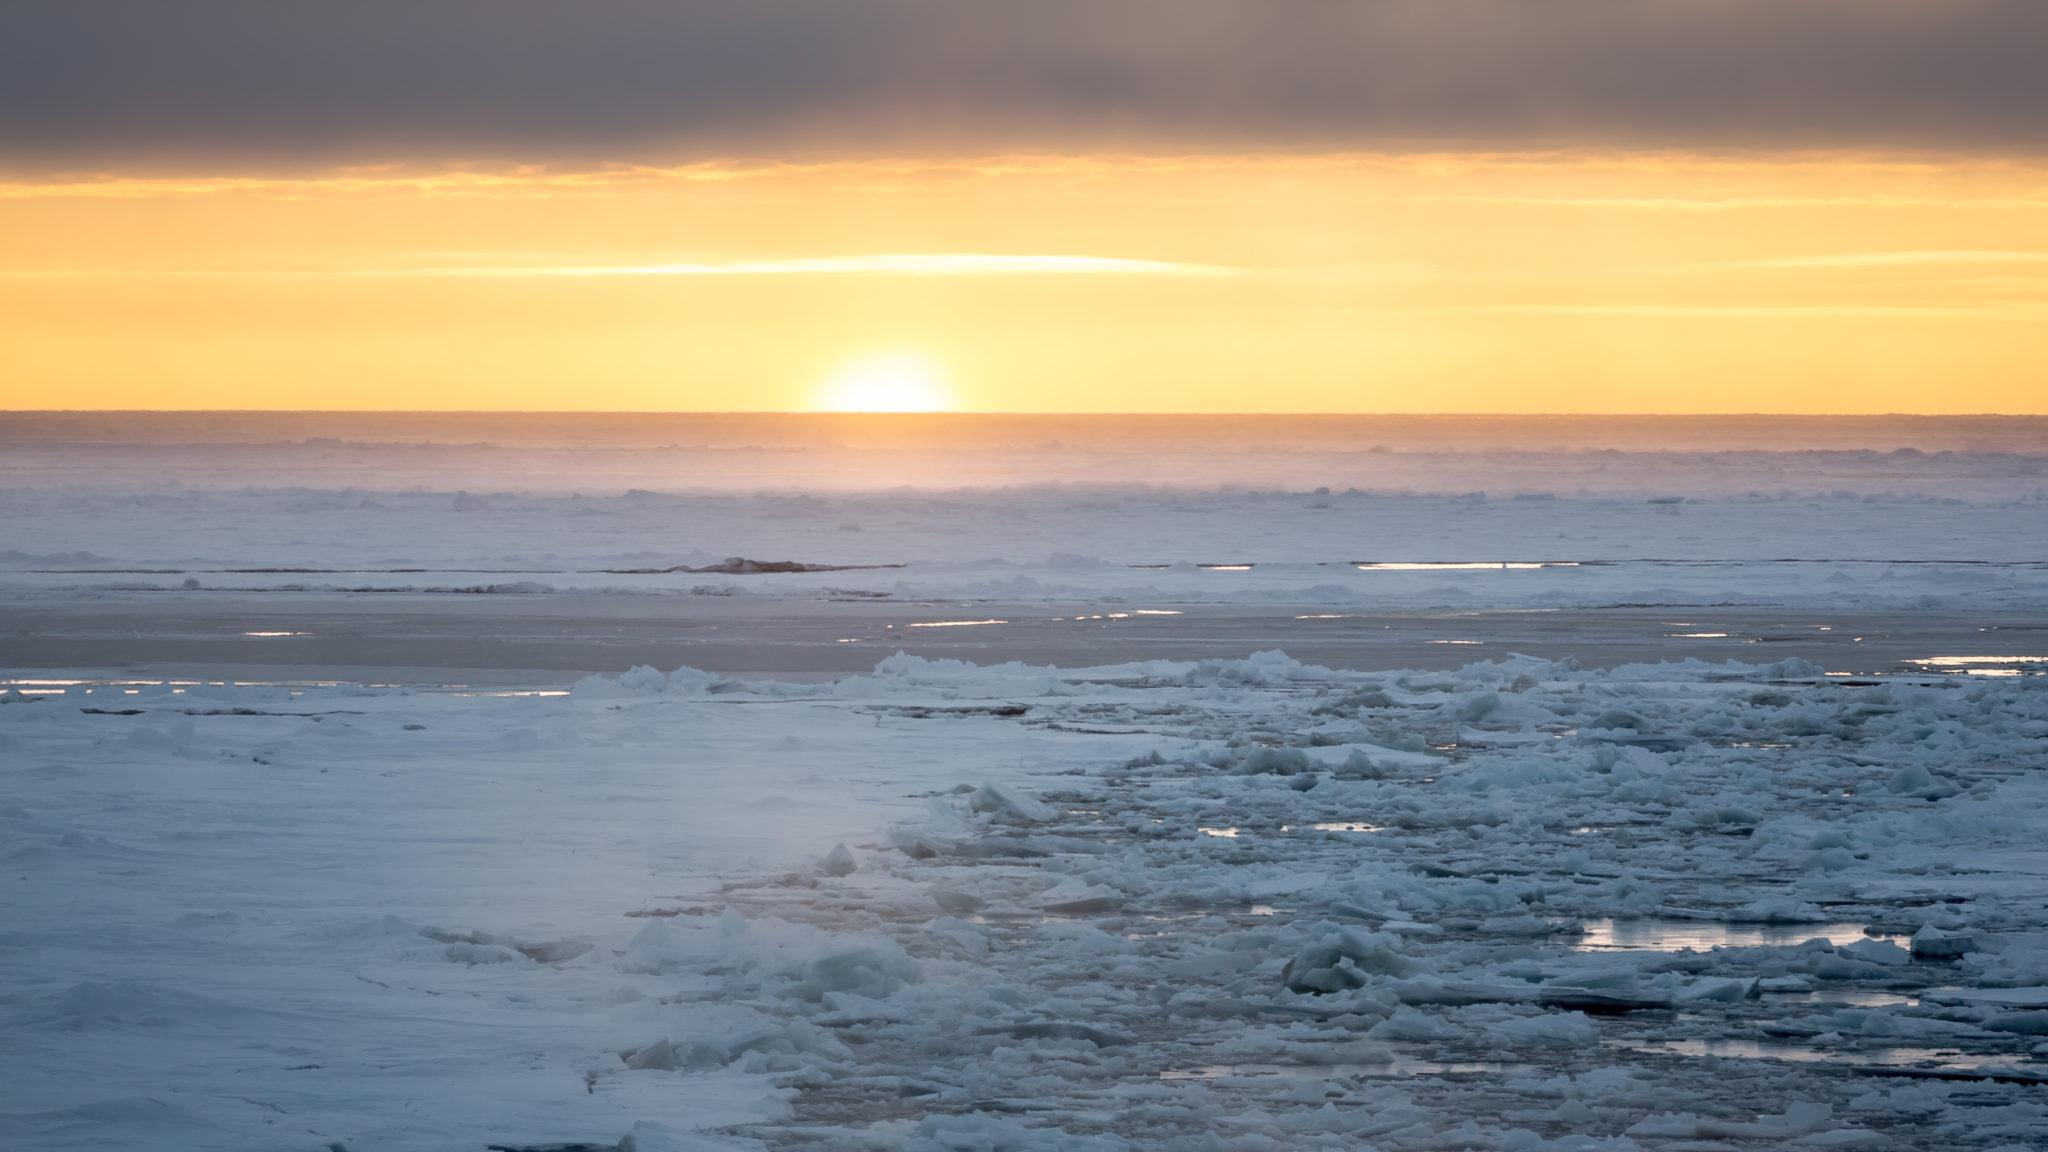 Blick auf arktisches Meereis bei Sonnenaufgang